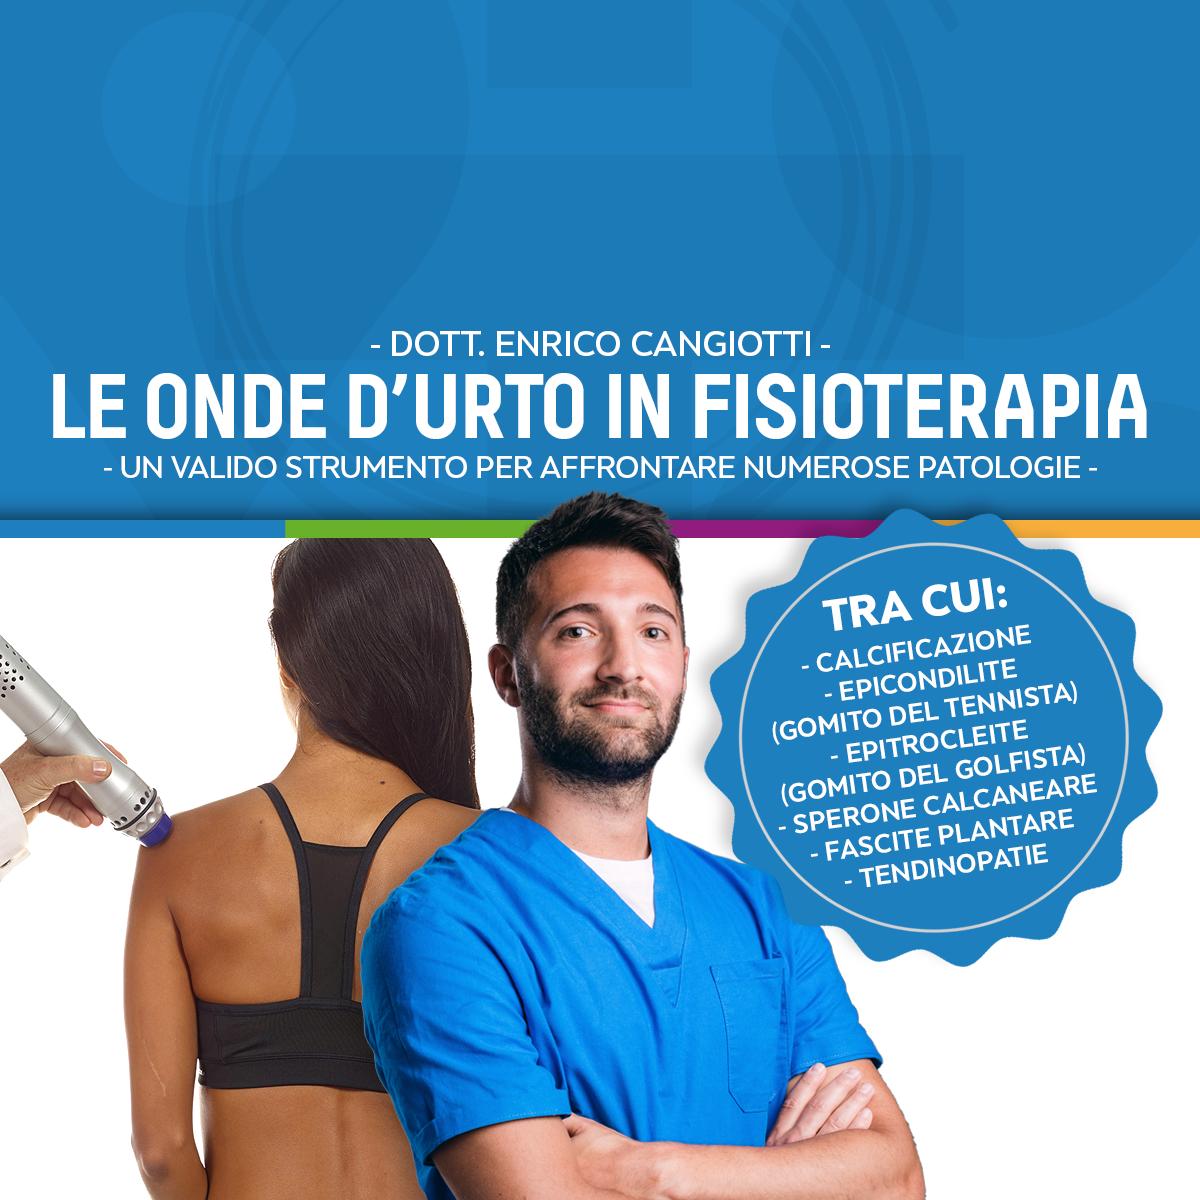 LE ONDE D'URTO IN FISIOTERAPIA